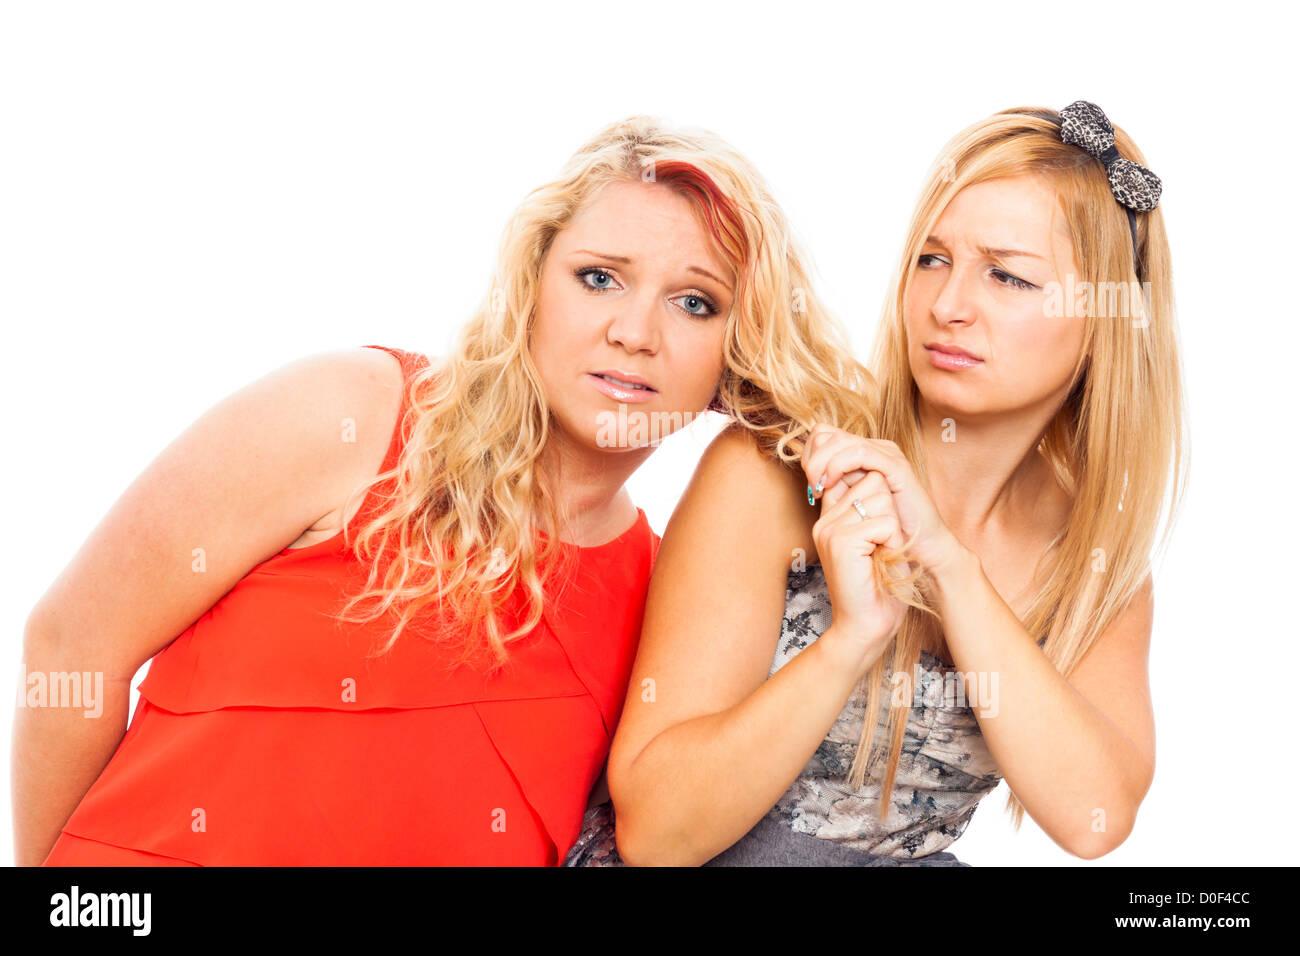 Disperato e violento rapporto donne, isolato su sfondo bianco. Immagini Stock